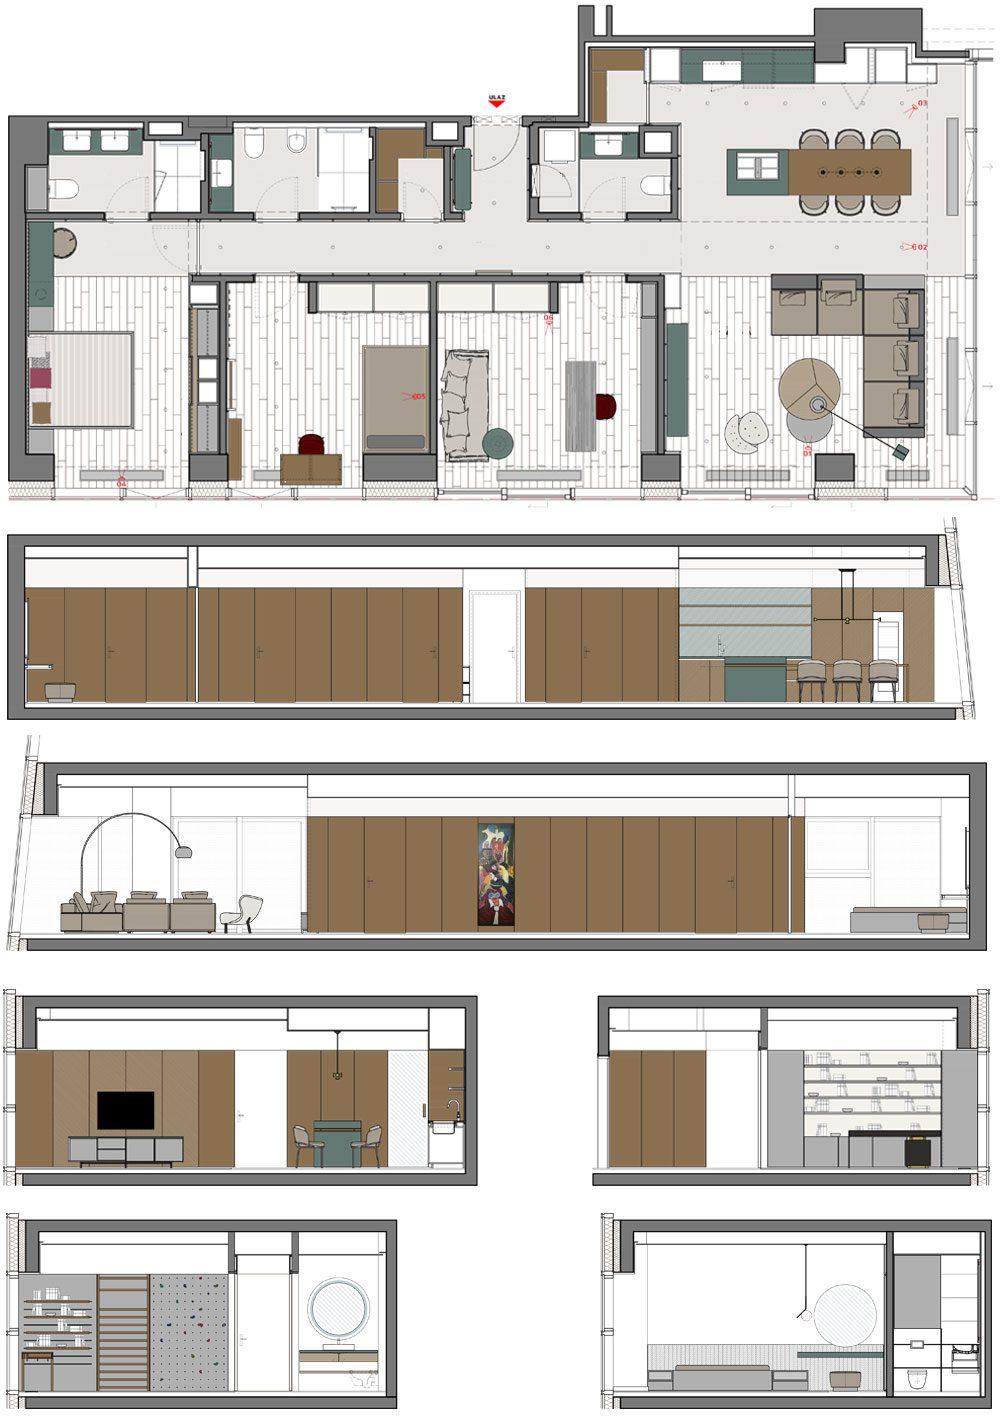 apartment-jb-drawing-01